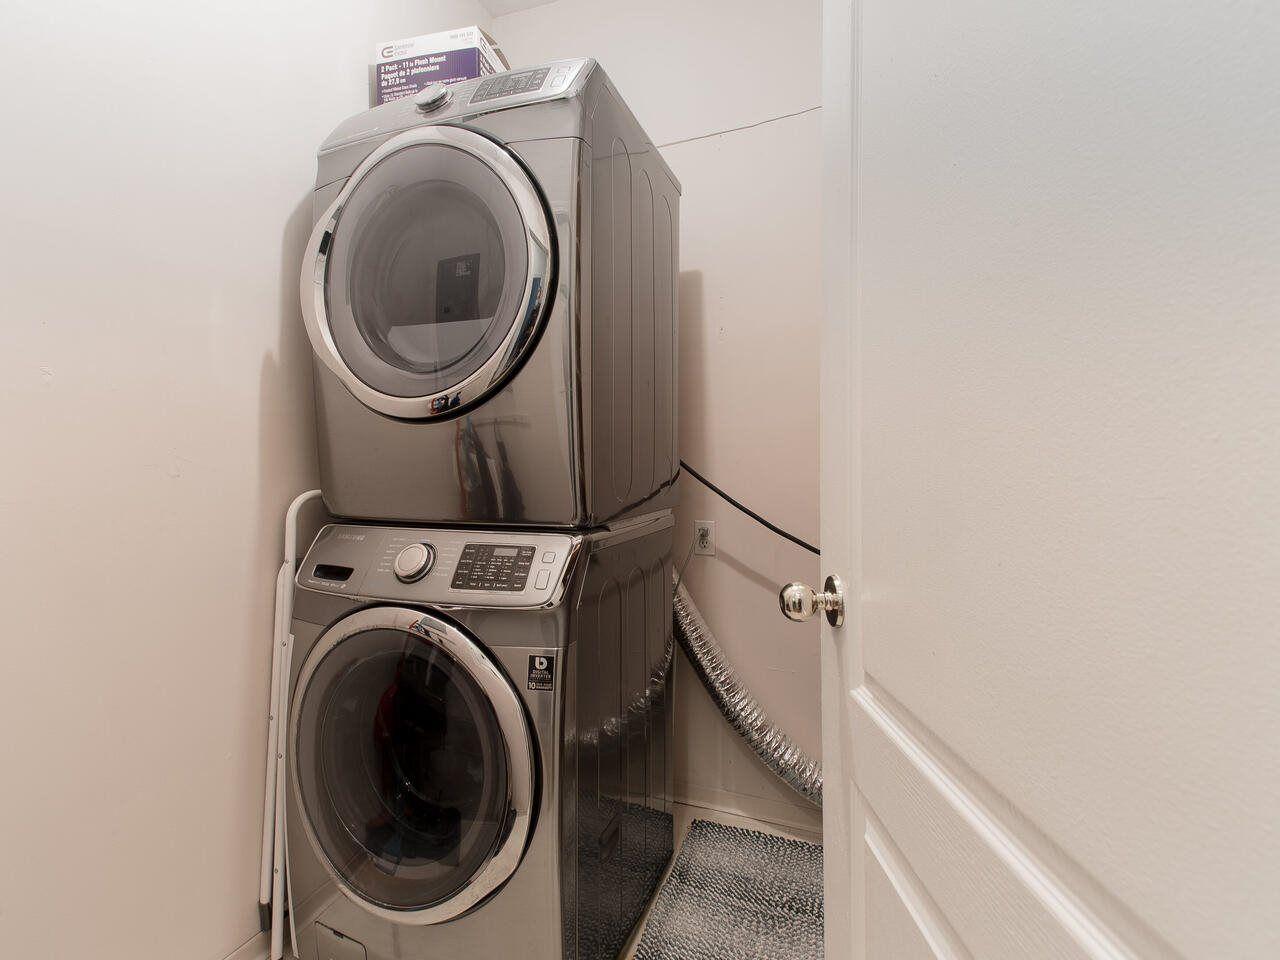 Photo 11: Photos: 108 13918 72 Avenue in Surrey: East Newton Condo for sale : MLS®# R2538723